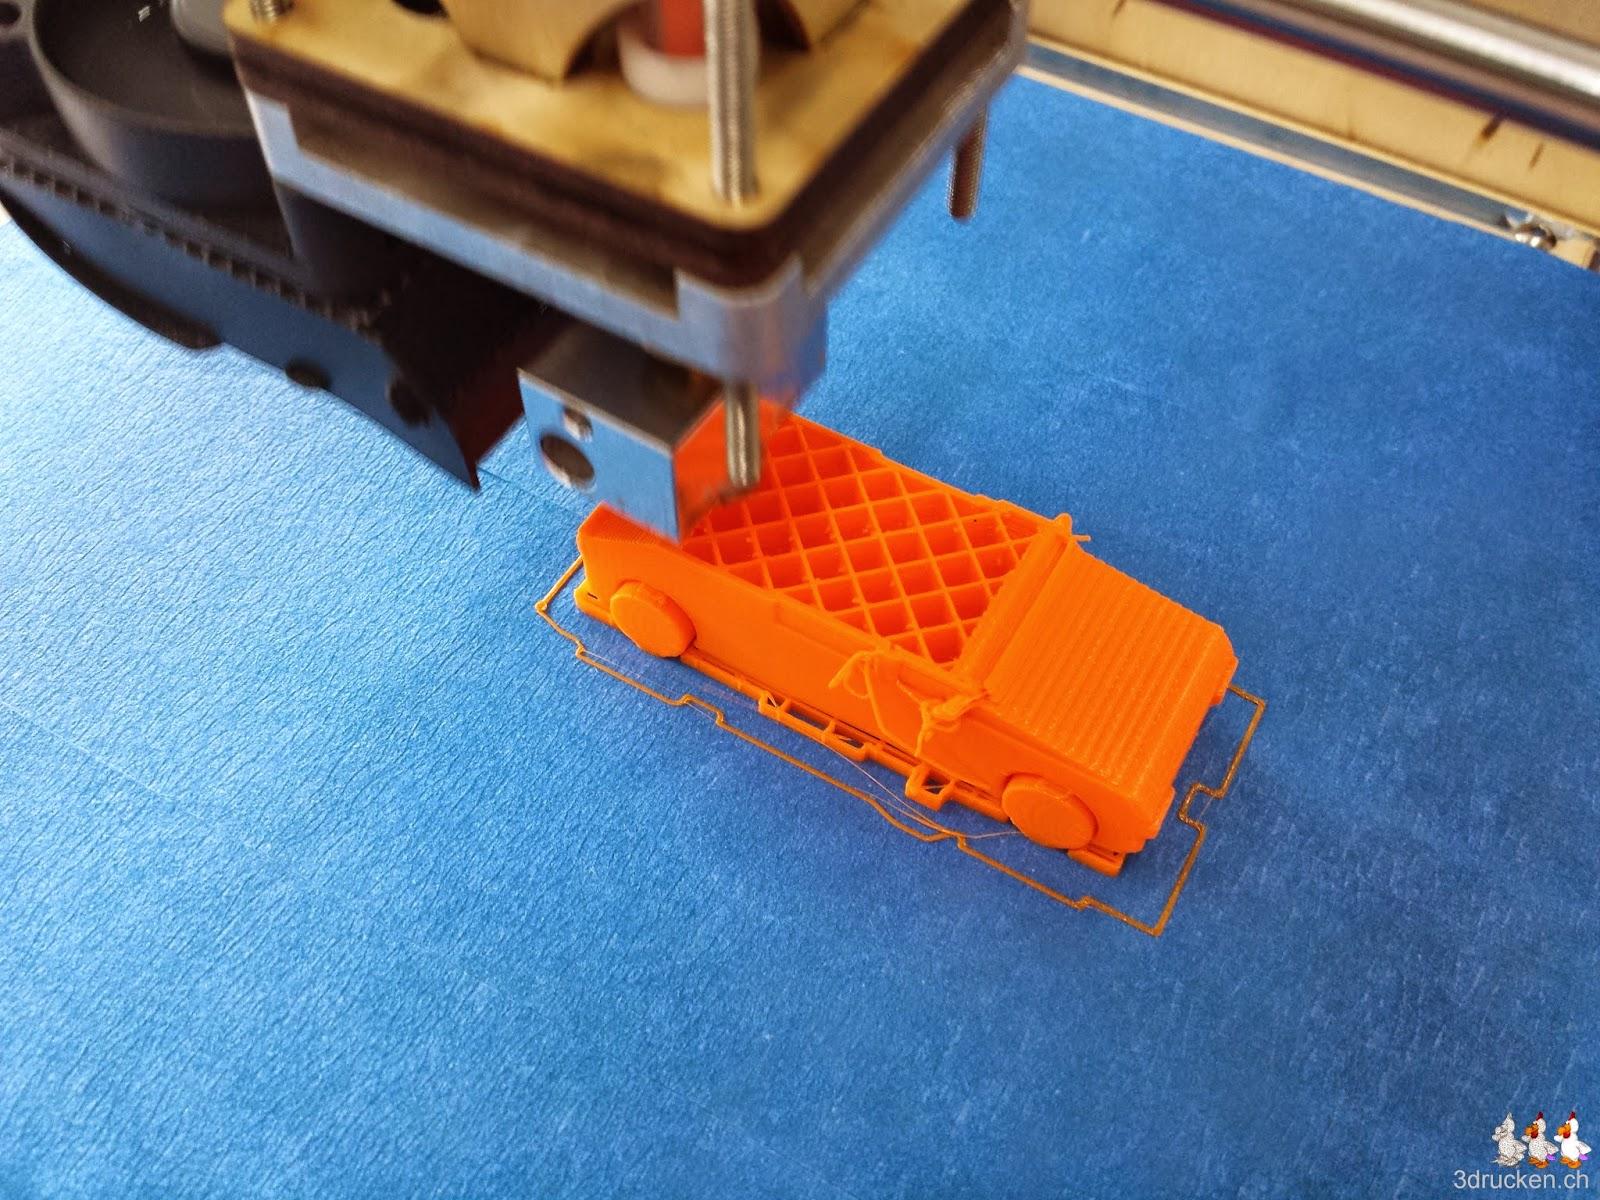 Foto während des Drucks eines Auto-Modells auf dem Drucktisch des Ultimaker Original